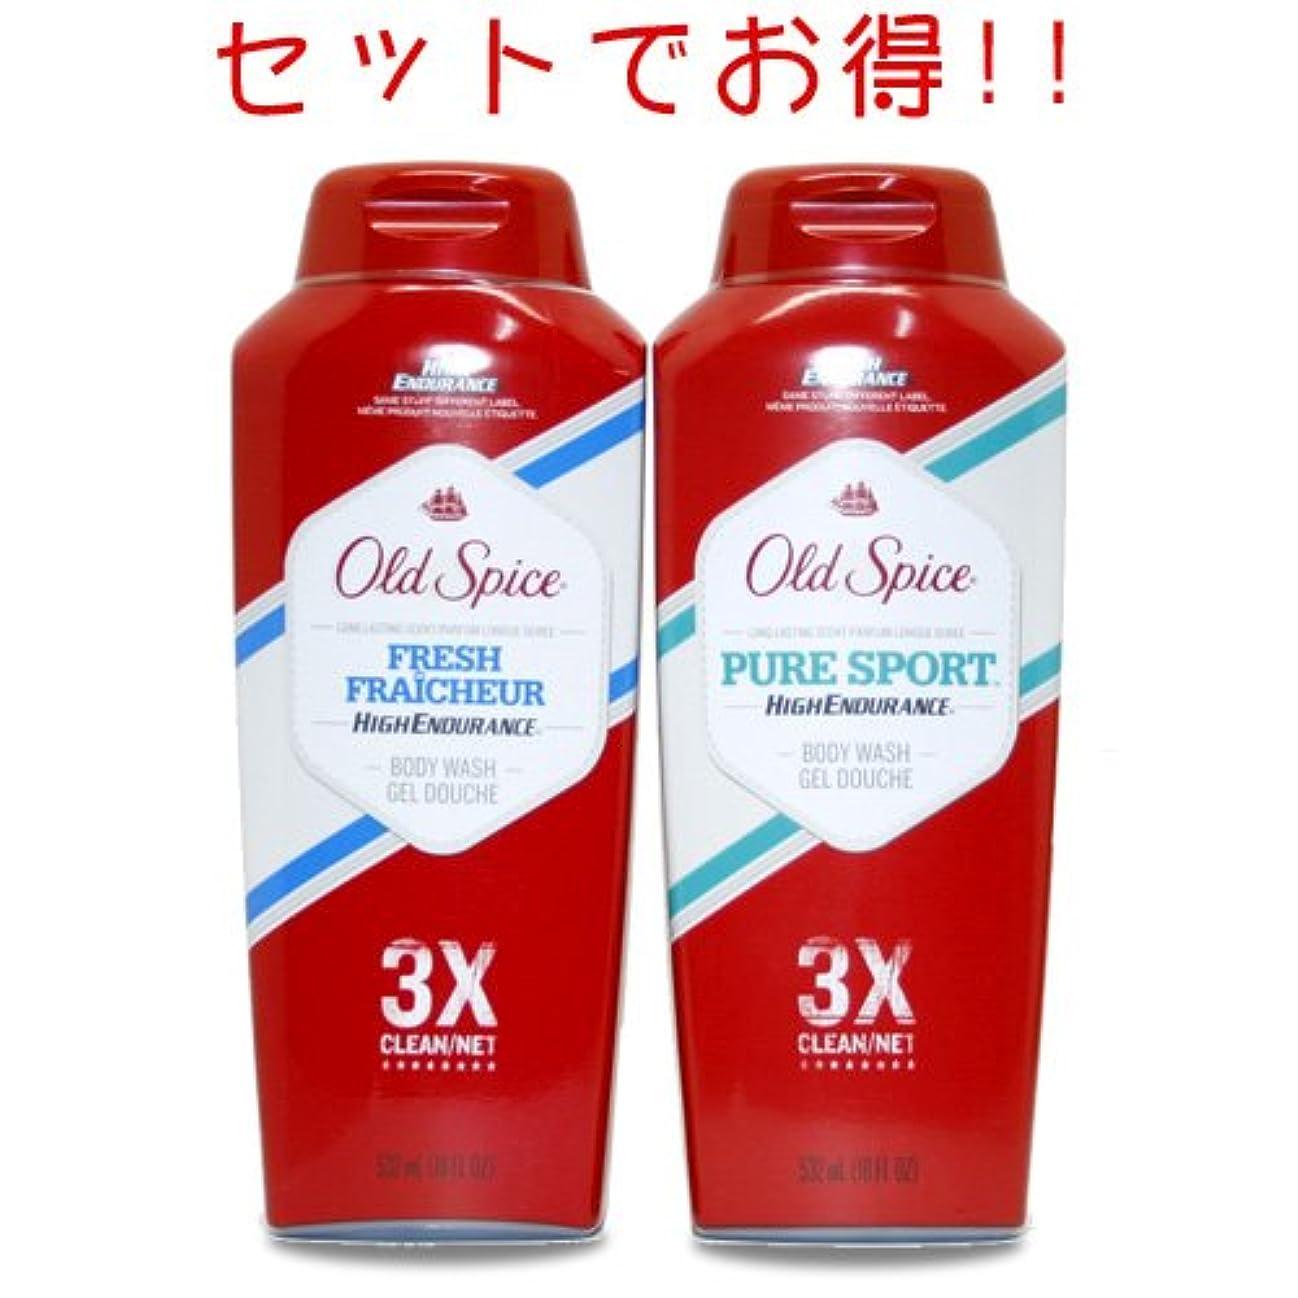 配管工大理石寸法【Old Spice】オールドスパイス HEボディウォッシュ 532ml お試し2種セット